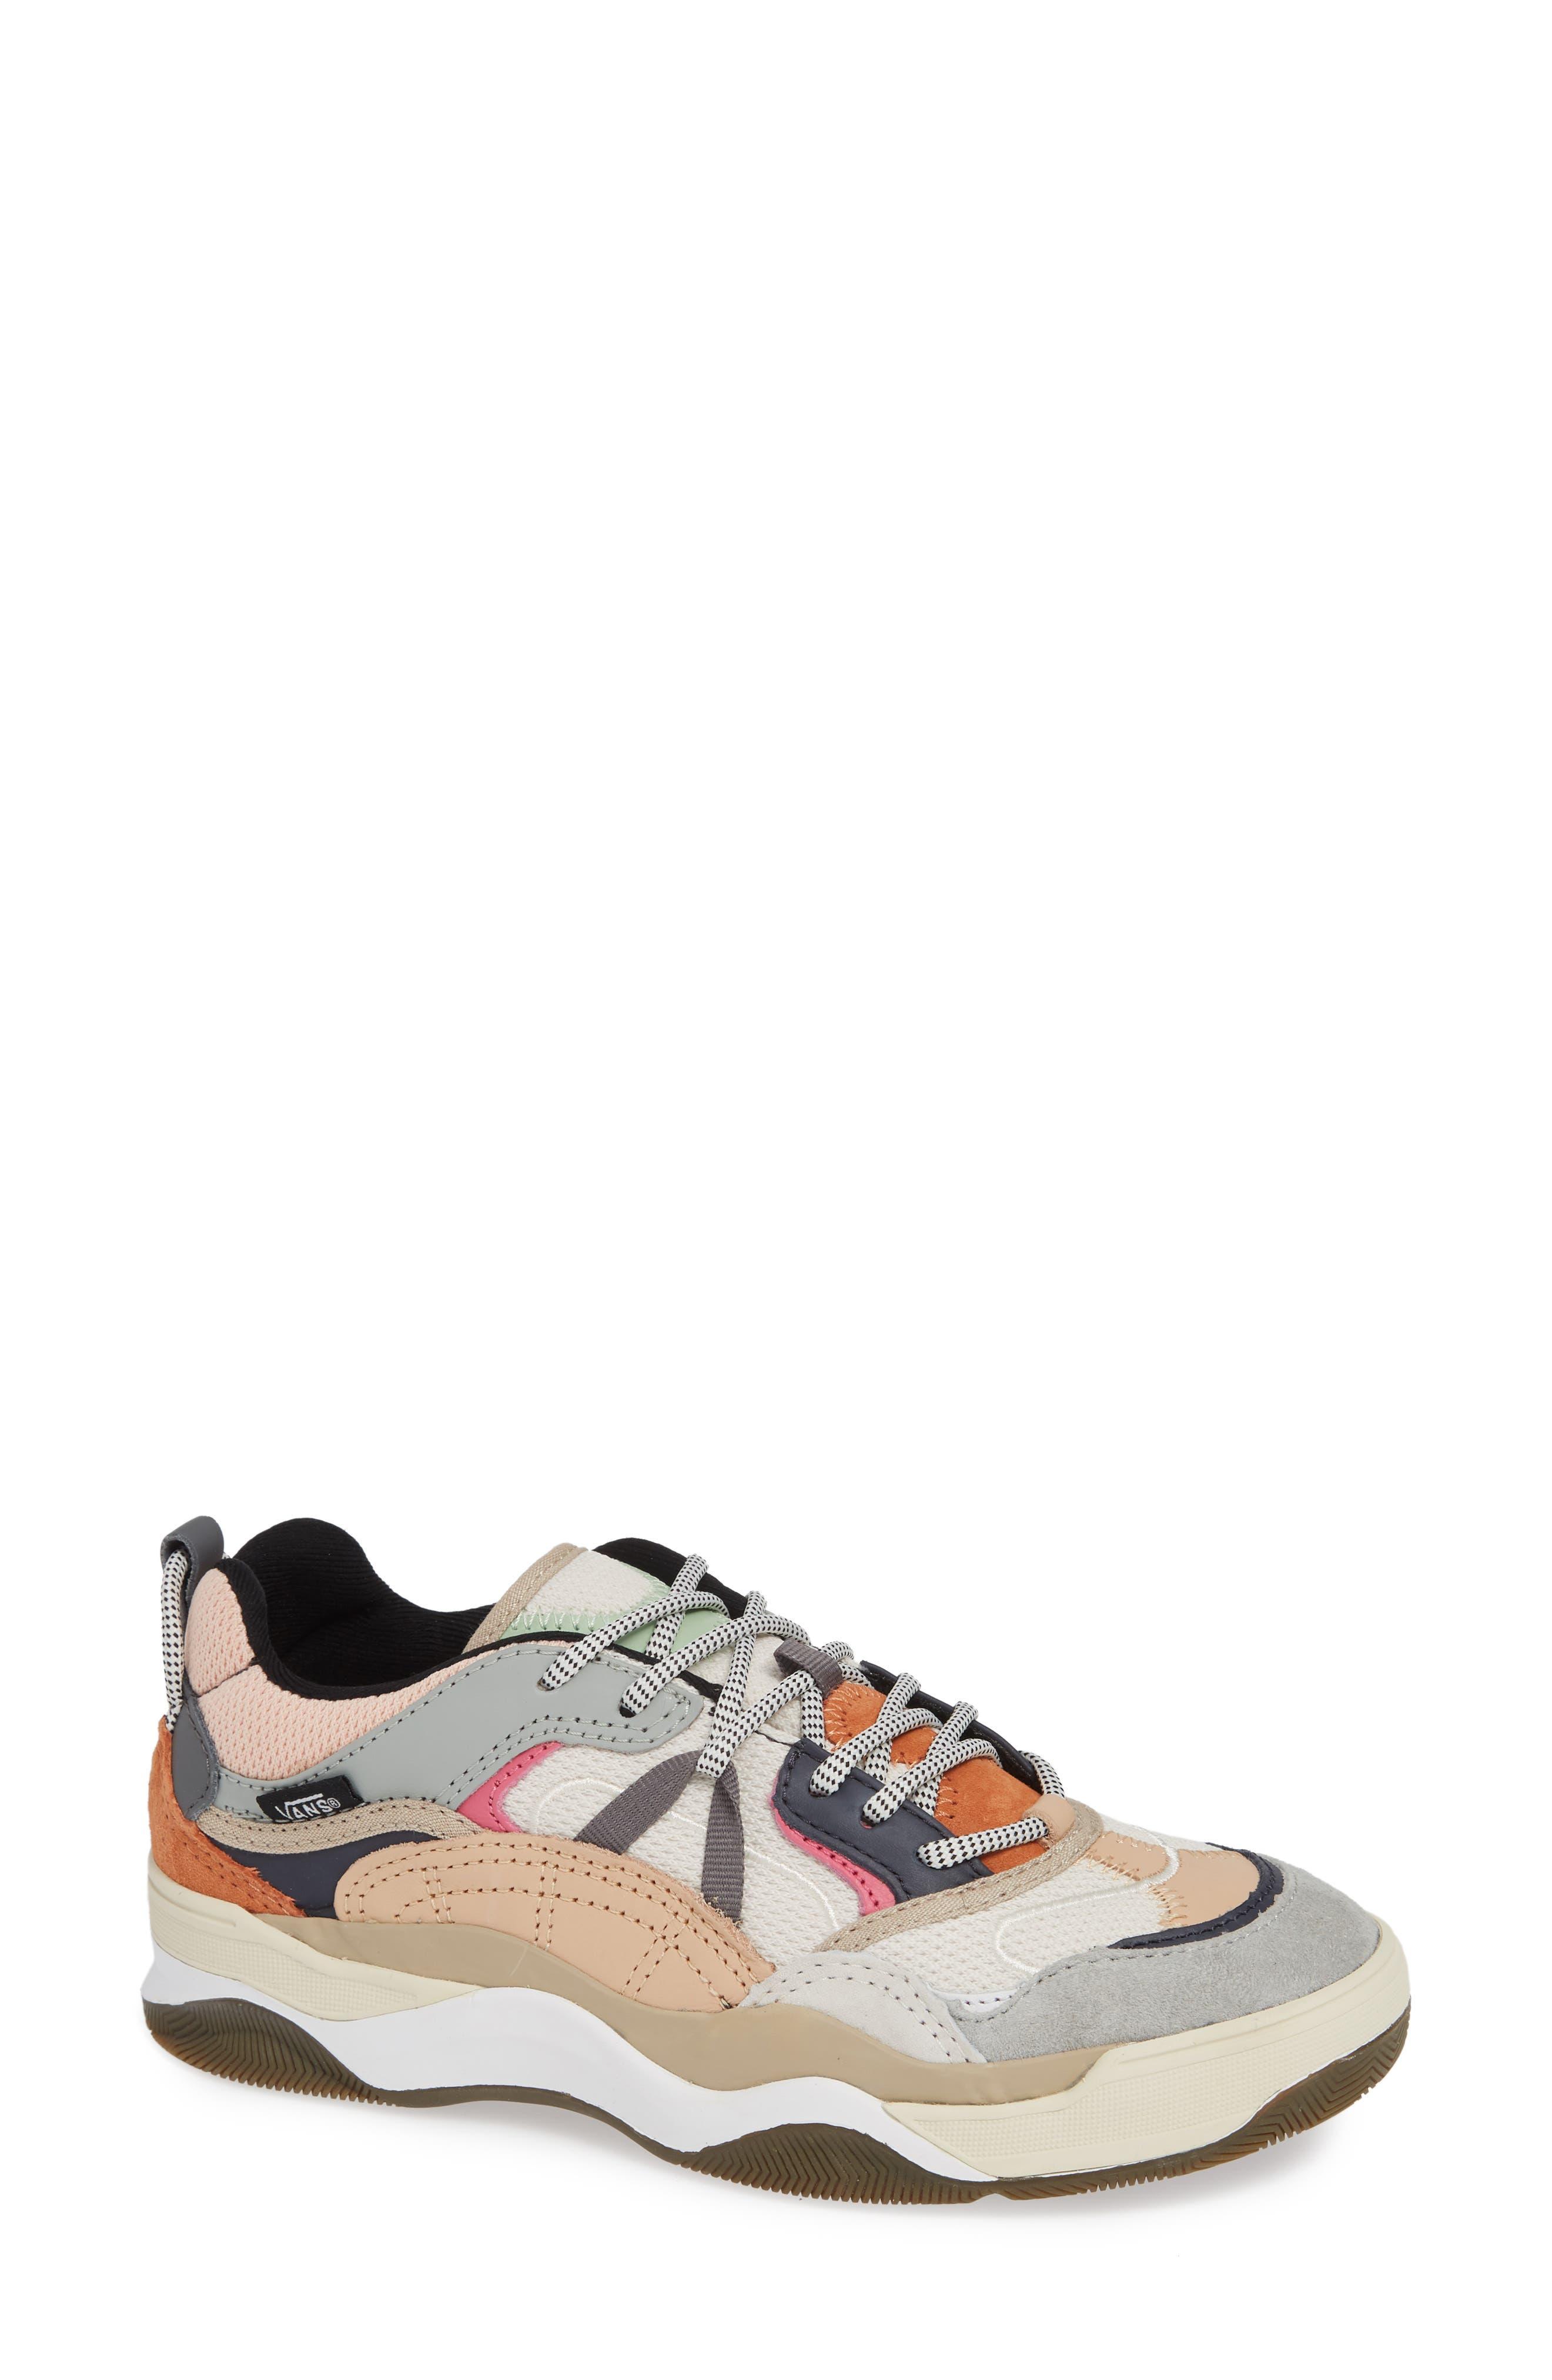 Varix WC Sneaker, Main, color, MULTI TURTLEDOVE/ TRUE WHITE